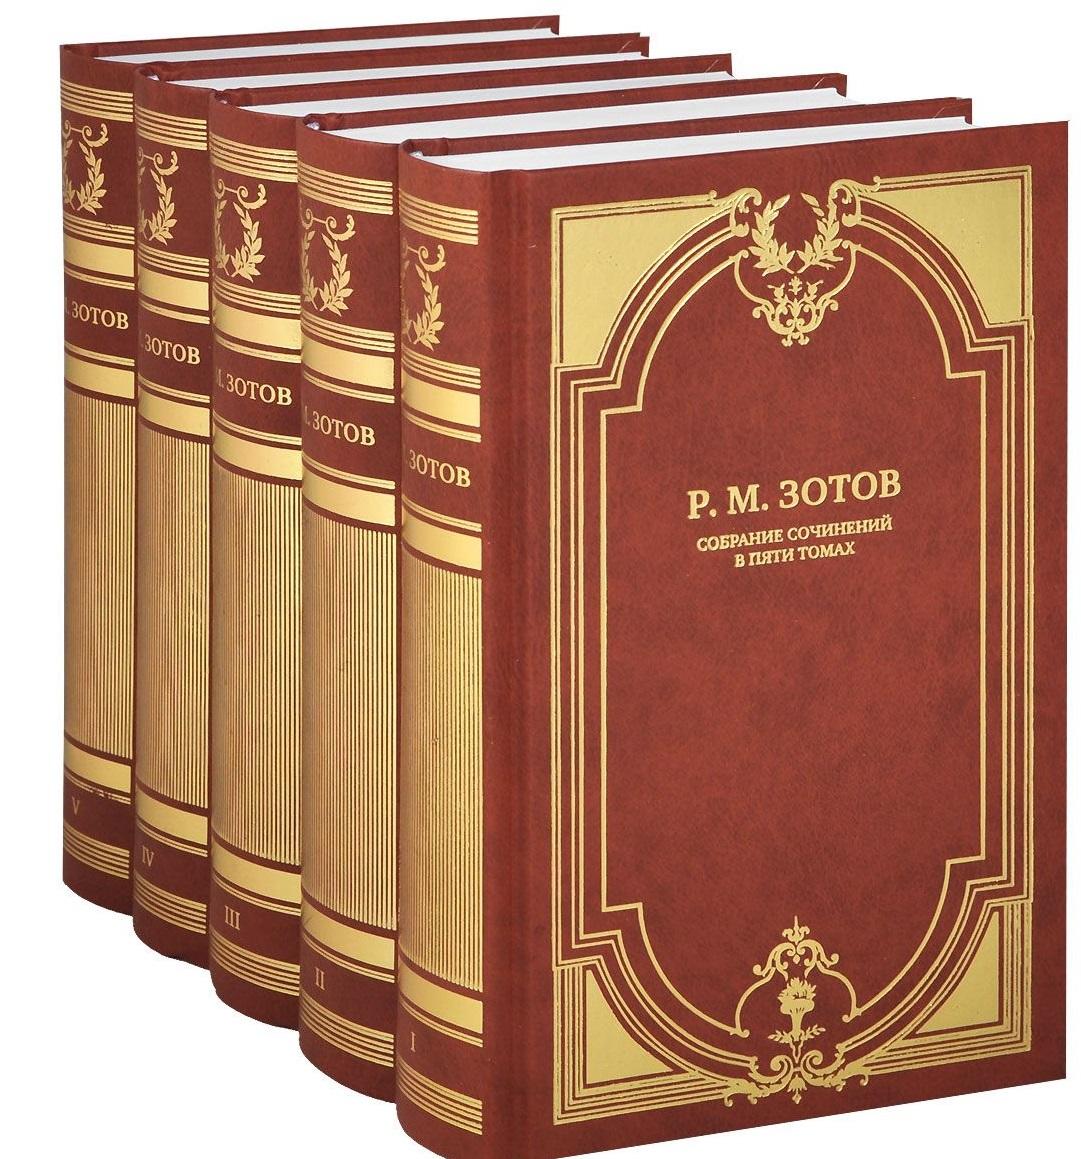 Зотов Р. Собрание сочинений в пяти томах (комплект из 5 книг) нилус с с а нилус полное собрание сочинений в пяти томах том 1 комплект из 5 книг